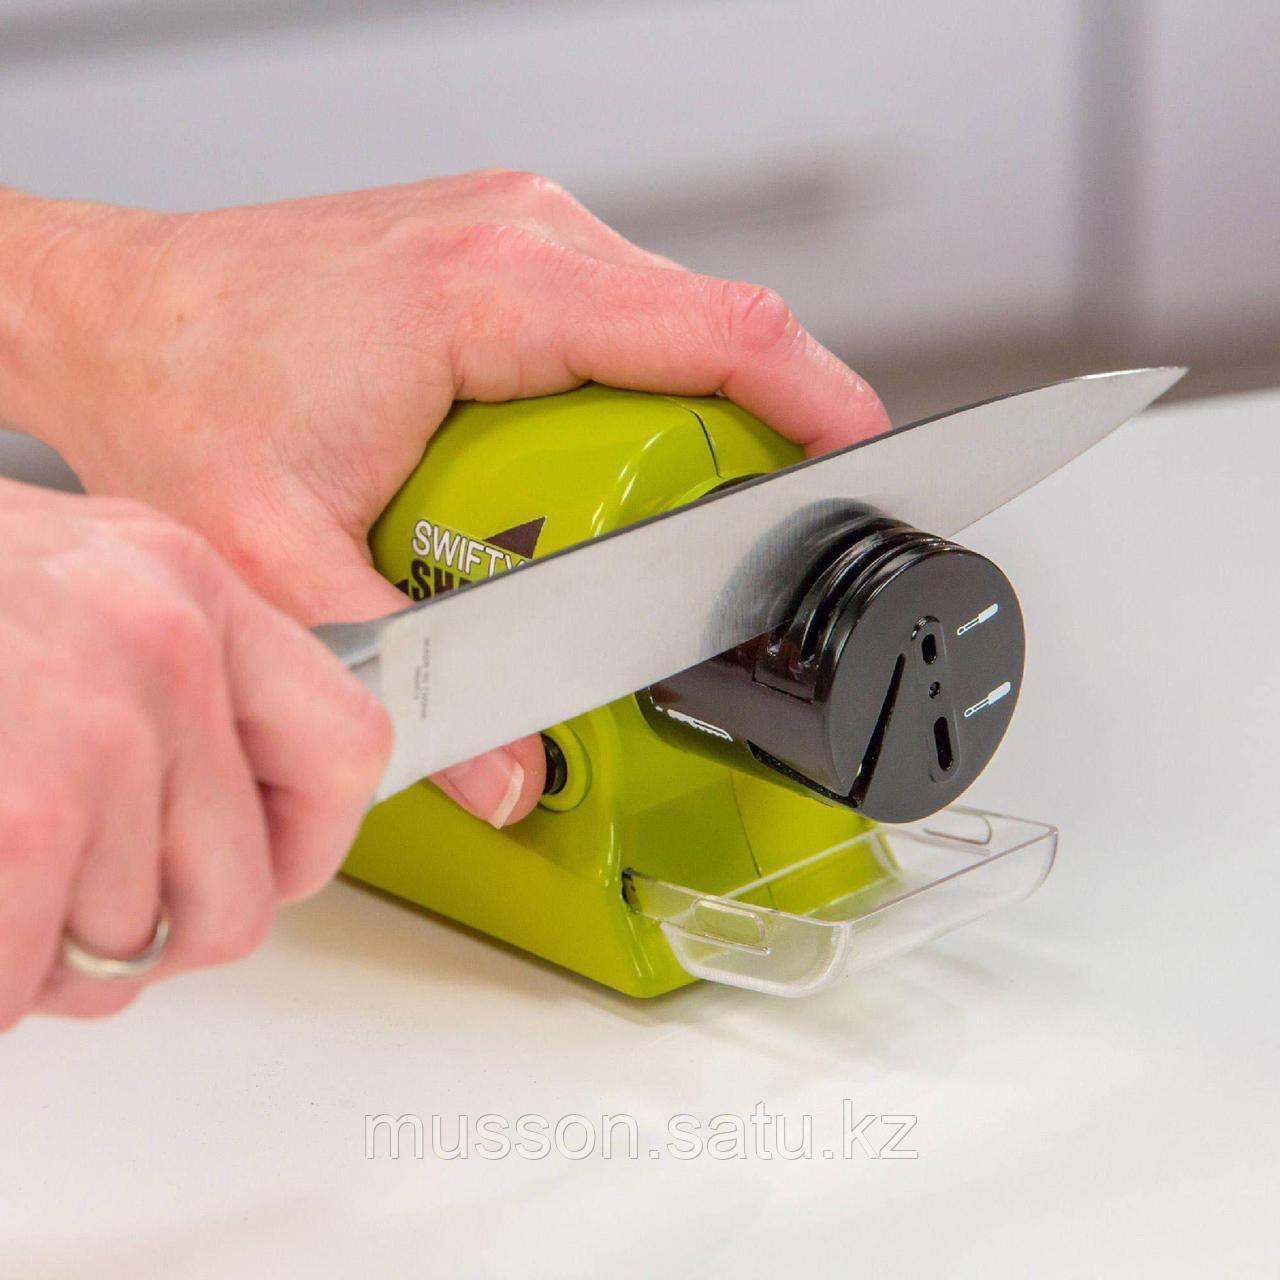 Точилка для ножей Swifty Sharp (Свифти Шарп)